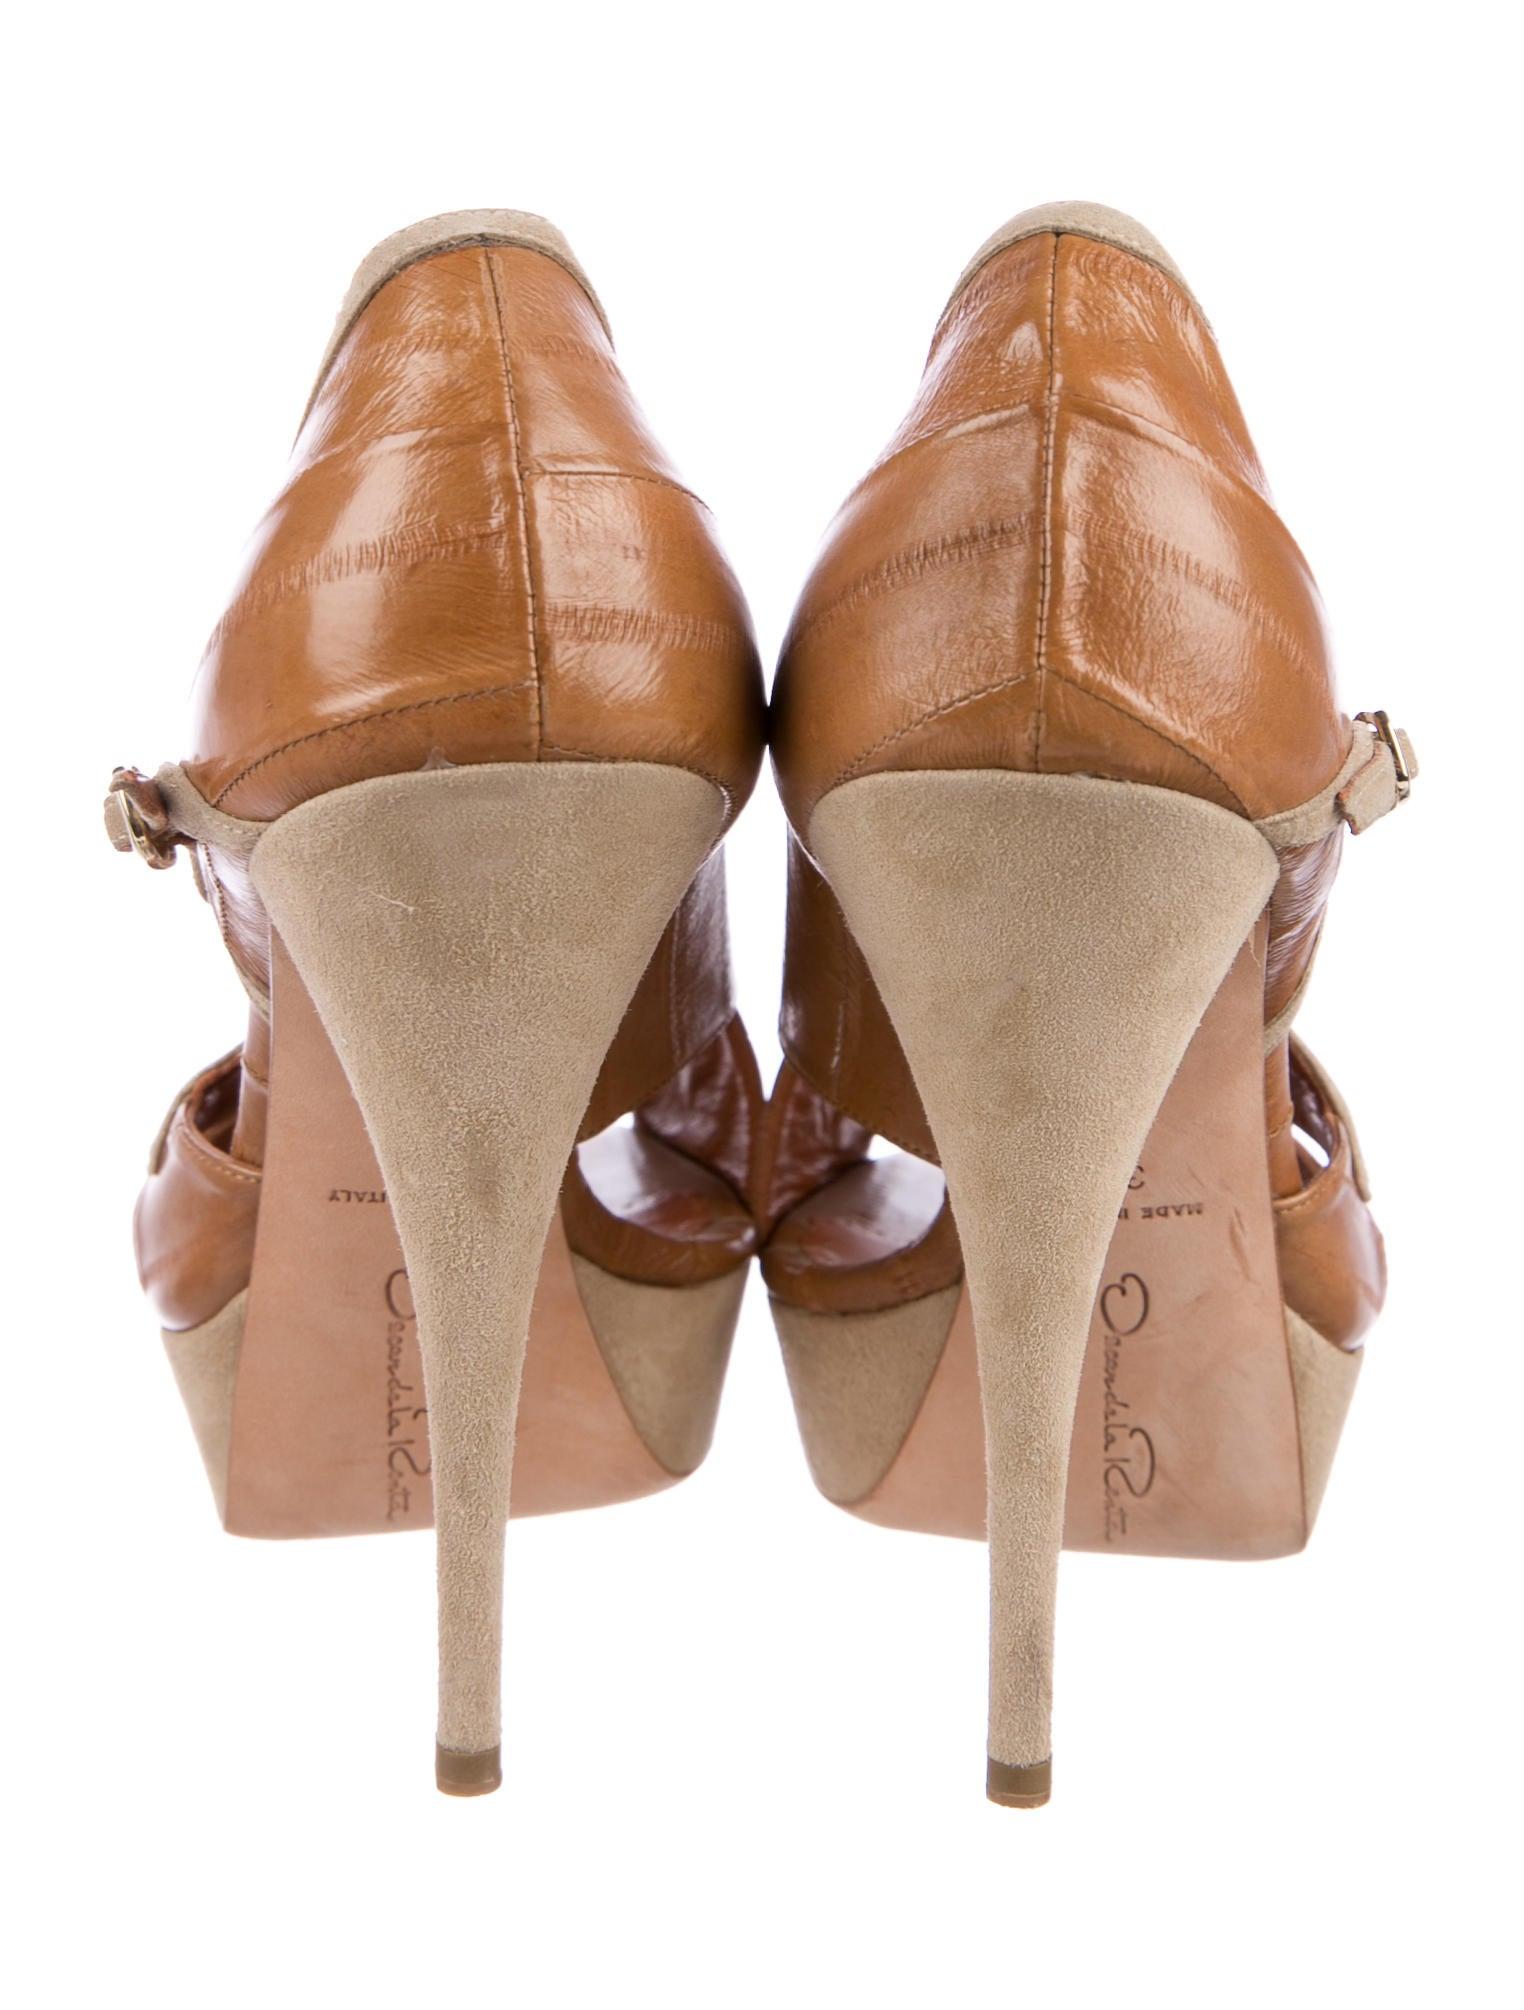 Oscar de la Renta Eelskin Peep-Toe Booties many kinds of for sale ILhEWUr